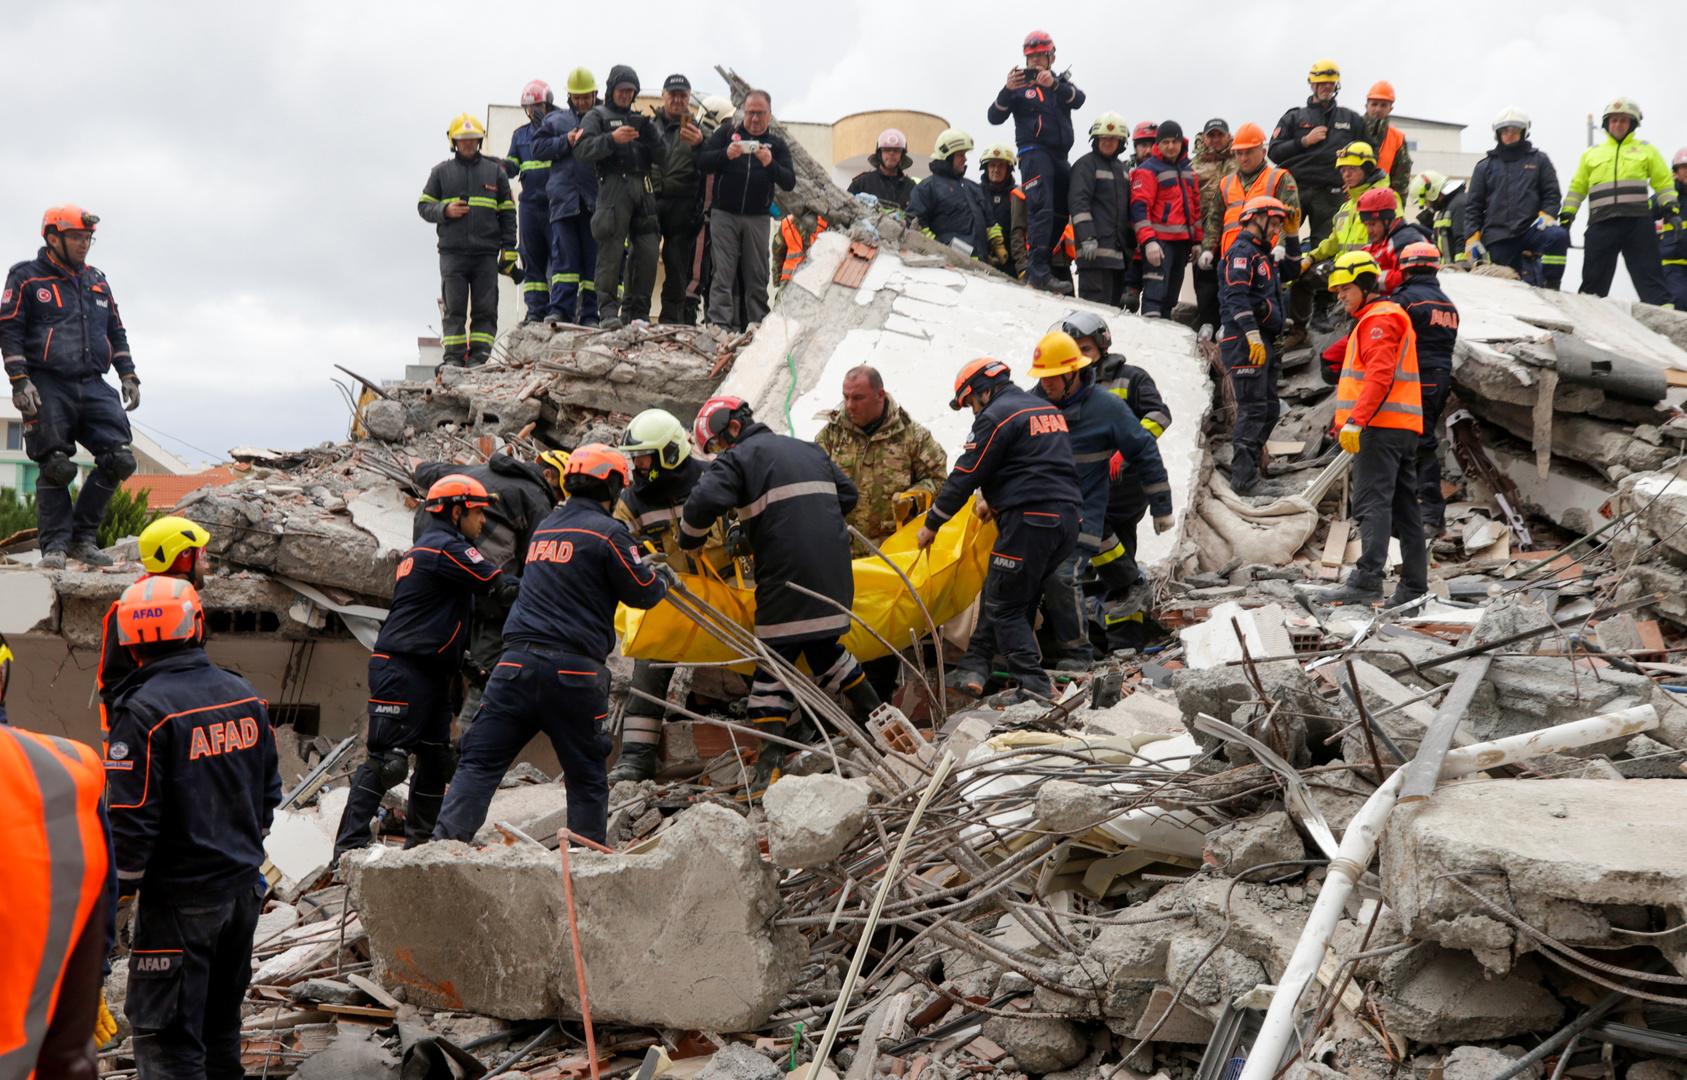 عملية إنقاذ في مدينة دوريس إثر زلزال عنيف ضرب ألبانيا يوم 26 نوفمبر